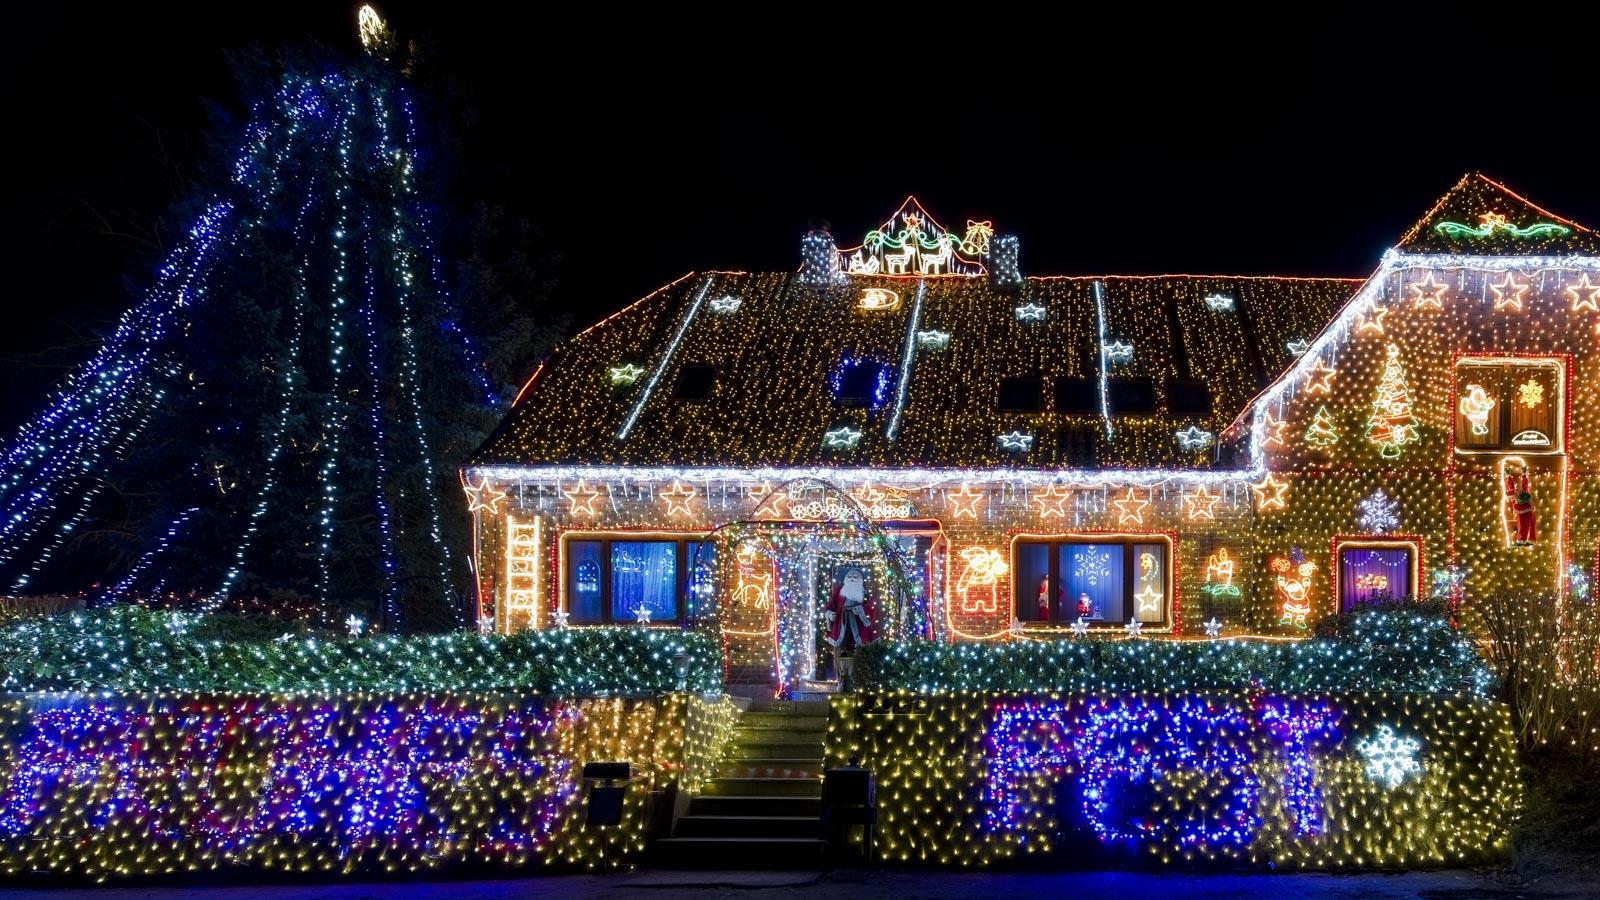 Haus und Garten mit unzähligen Lichtern als Weihnachtsbeleuchtung